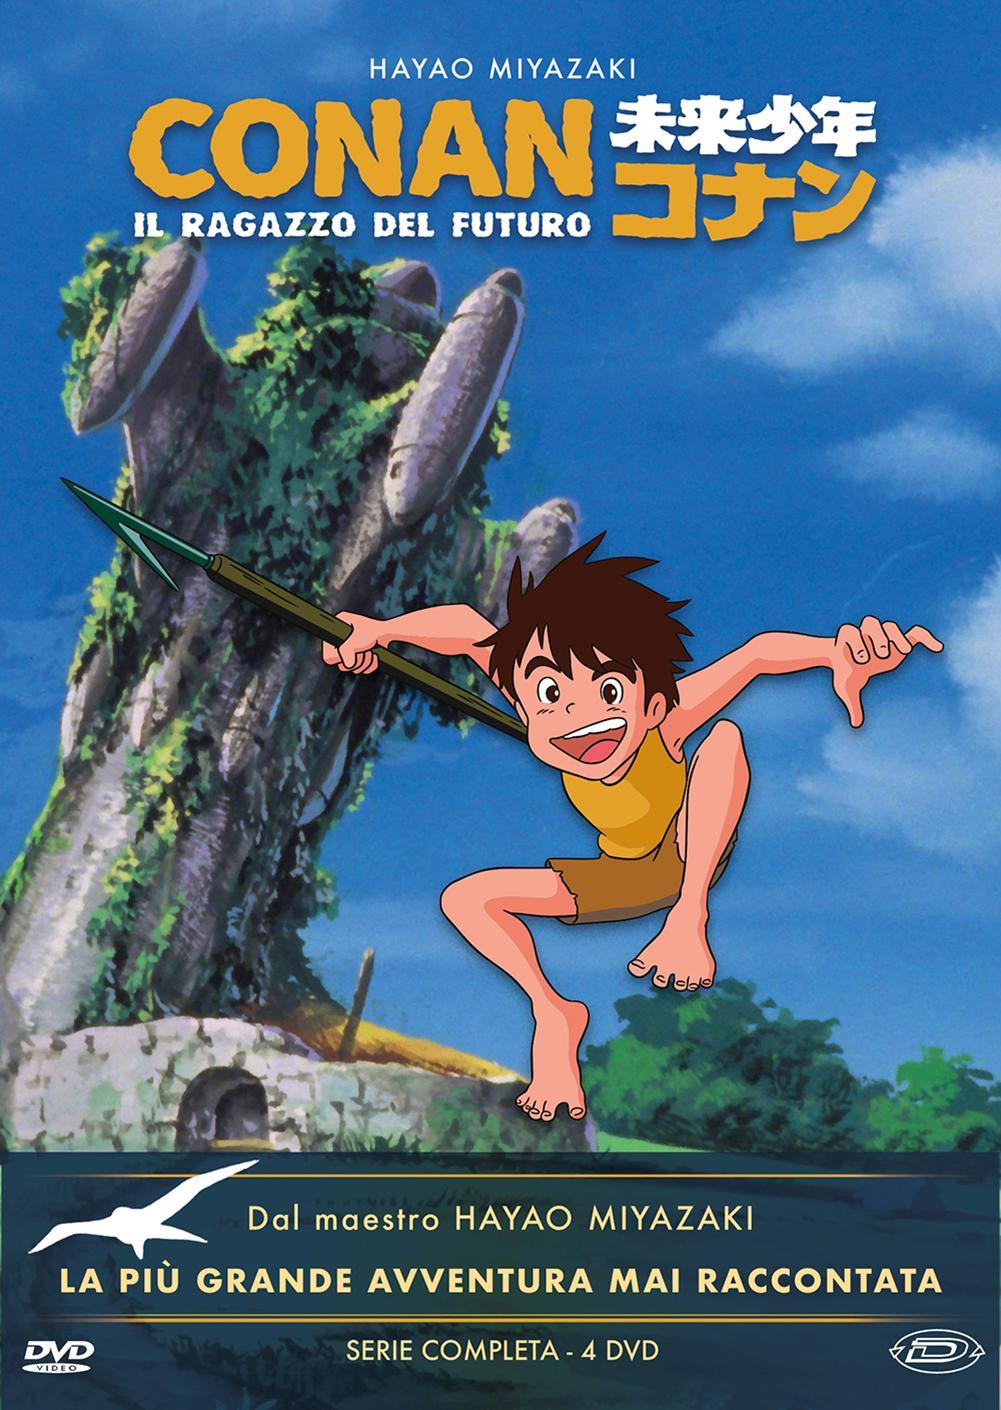 COF.CONAN, IL RAGAZZO DEL FUTURO - THE COMPLETE SERIES (4 DVD) (